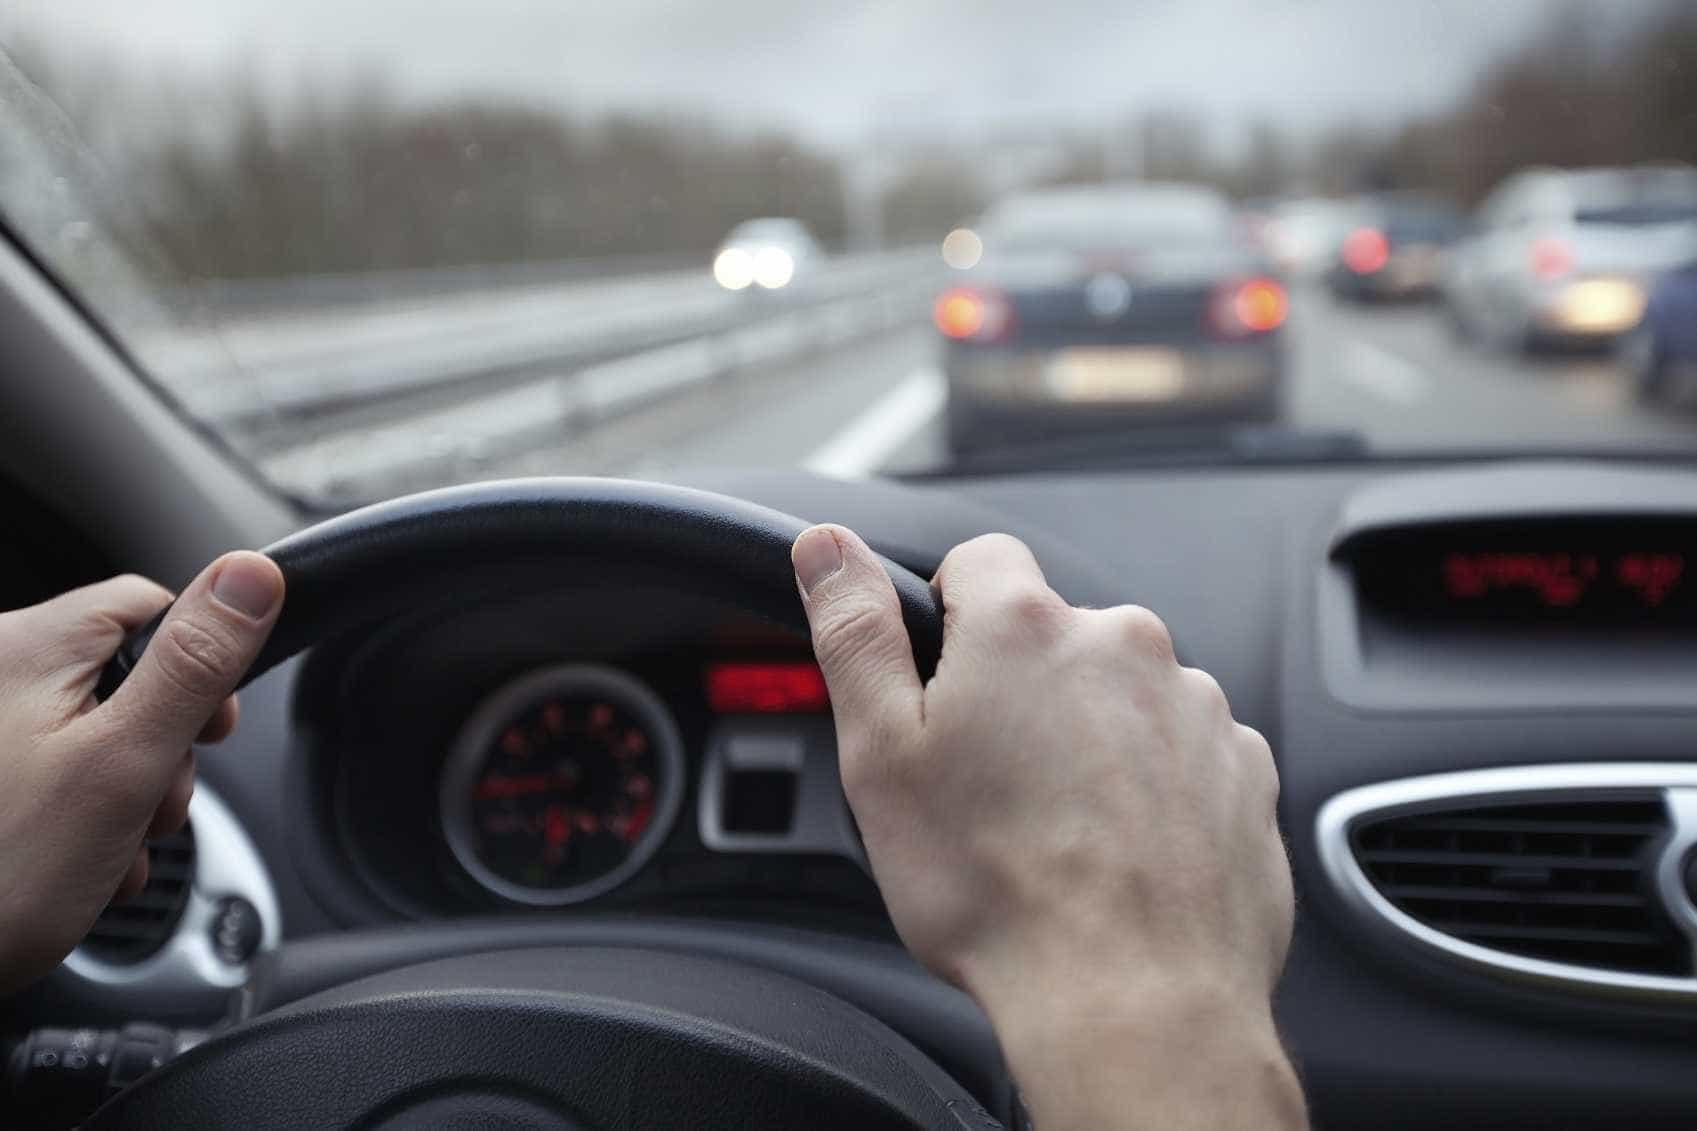 Veículos de 'carsharing' vão ter dístico autocolante